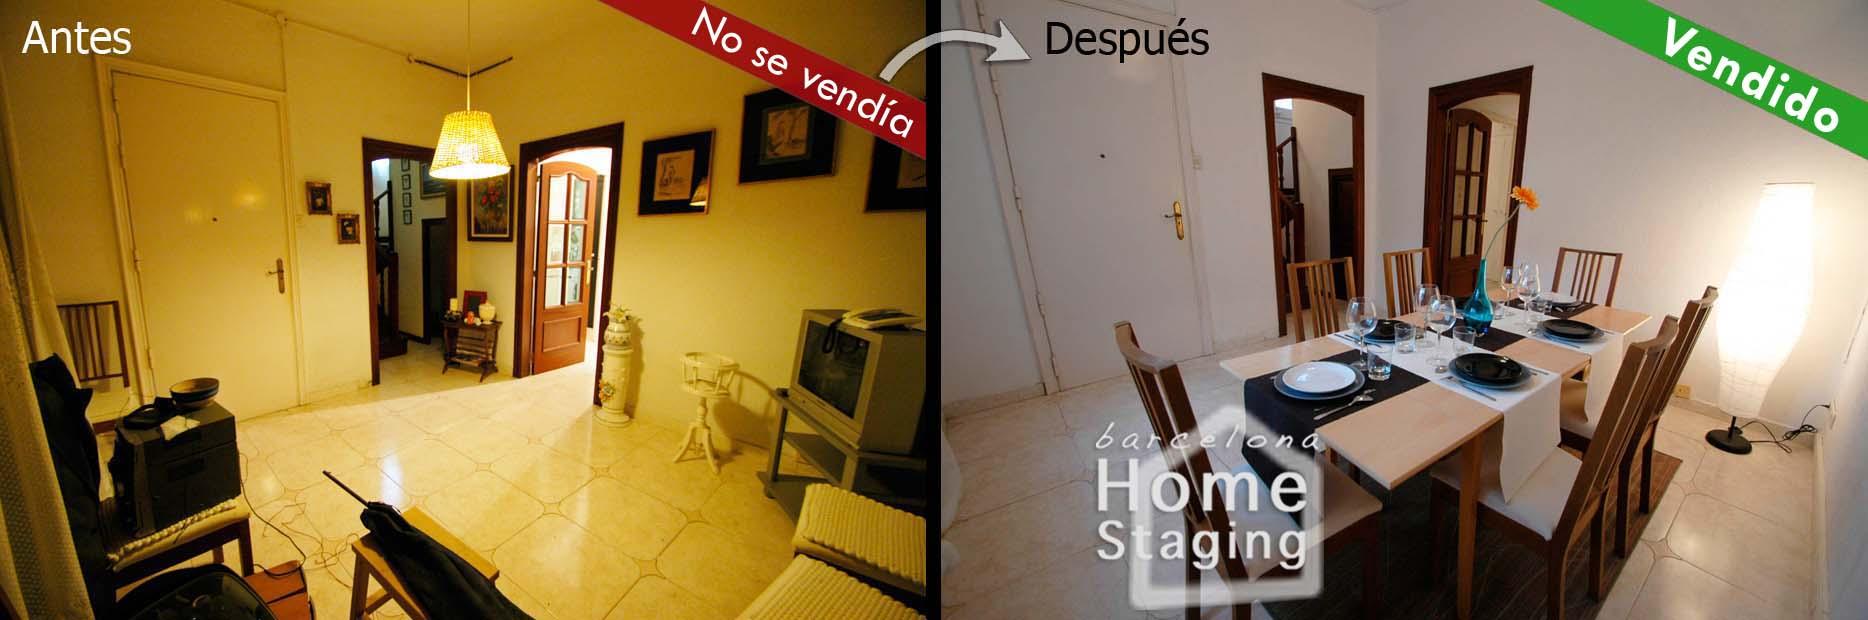 Modernizar y despersonalizar las claves para vender - Decorar piso antiguo ...